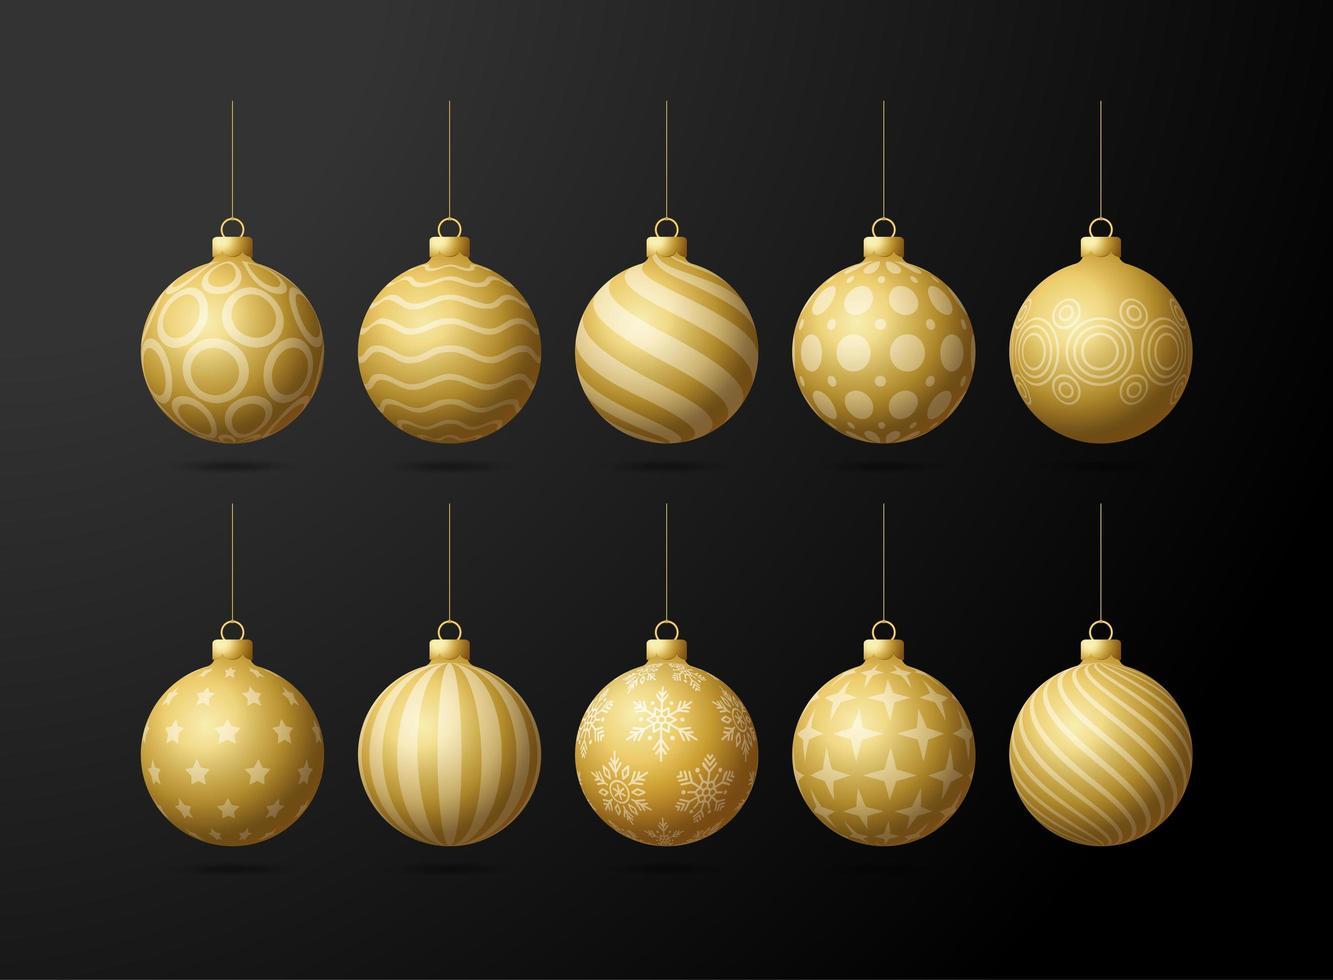 Jeu de boules de sapin de Noël or isolé sur fond noir vecteur